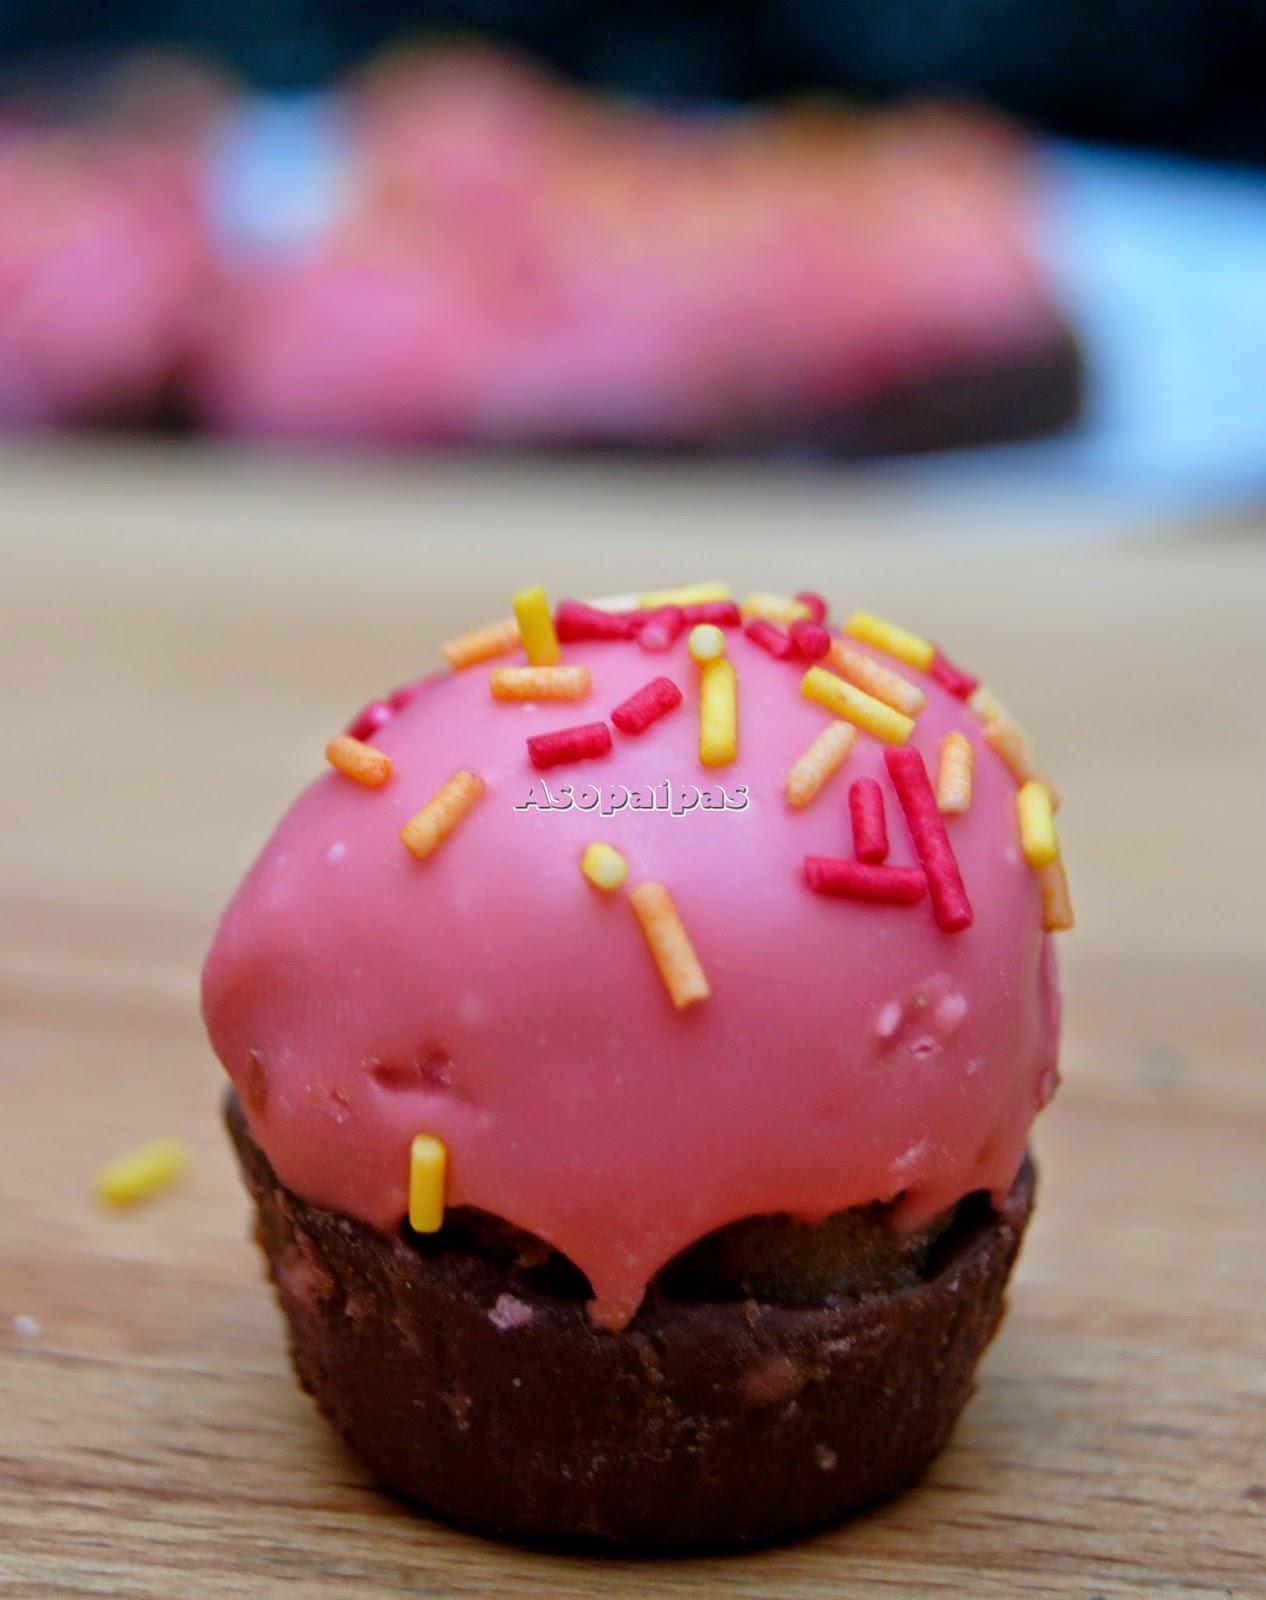 Cupcakes de chocolate rellenos de chocolate y cobertura de chocolate